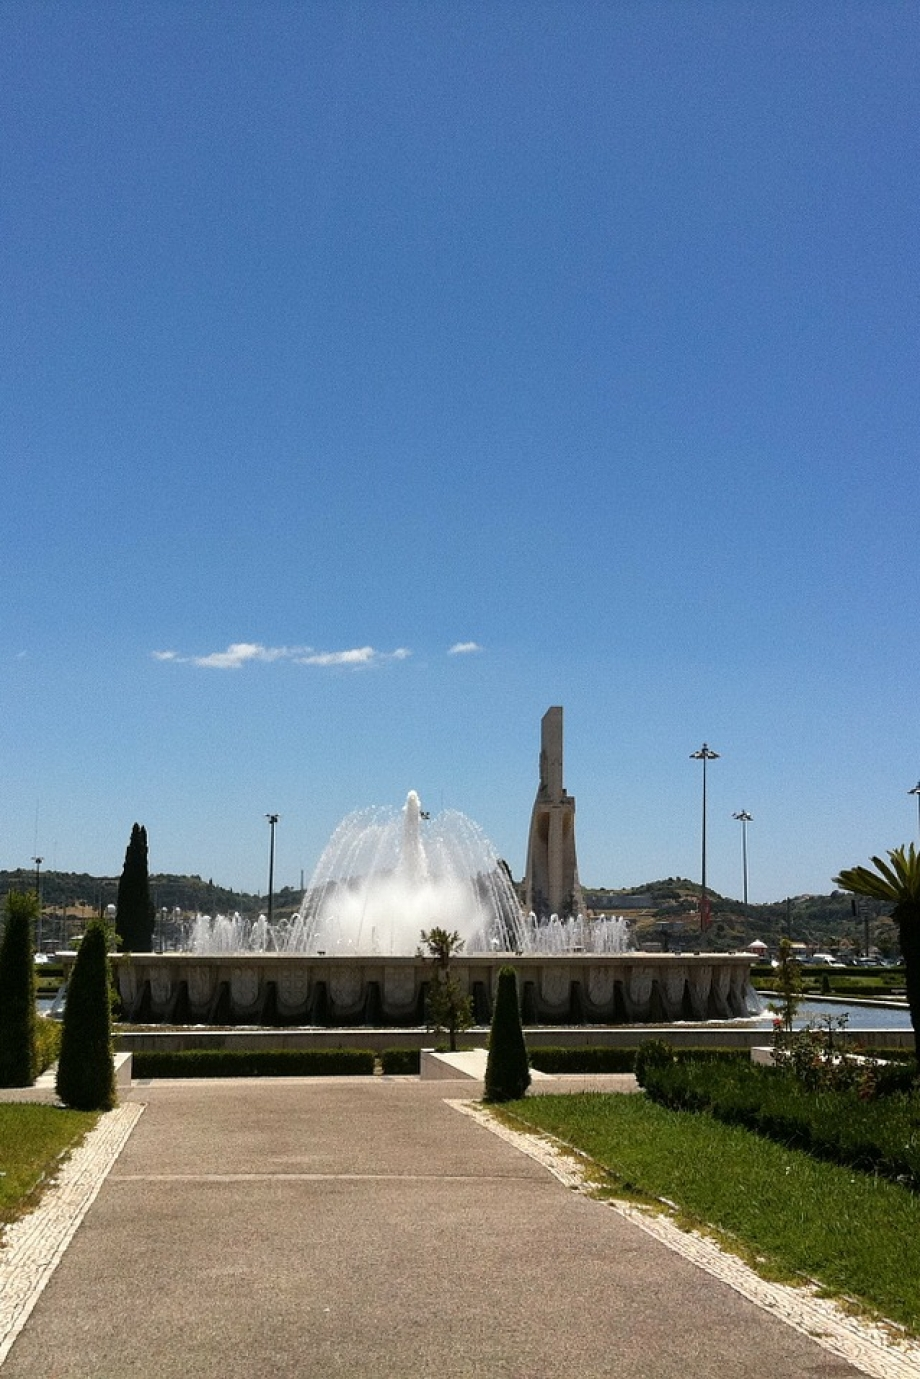 LisboaCool_Blog_Où profiter des jours ensoleillés?